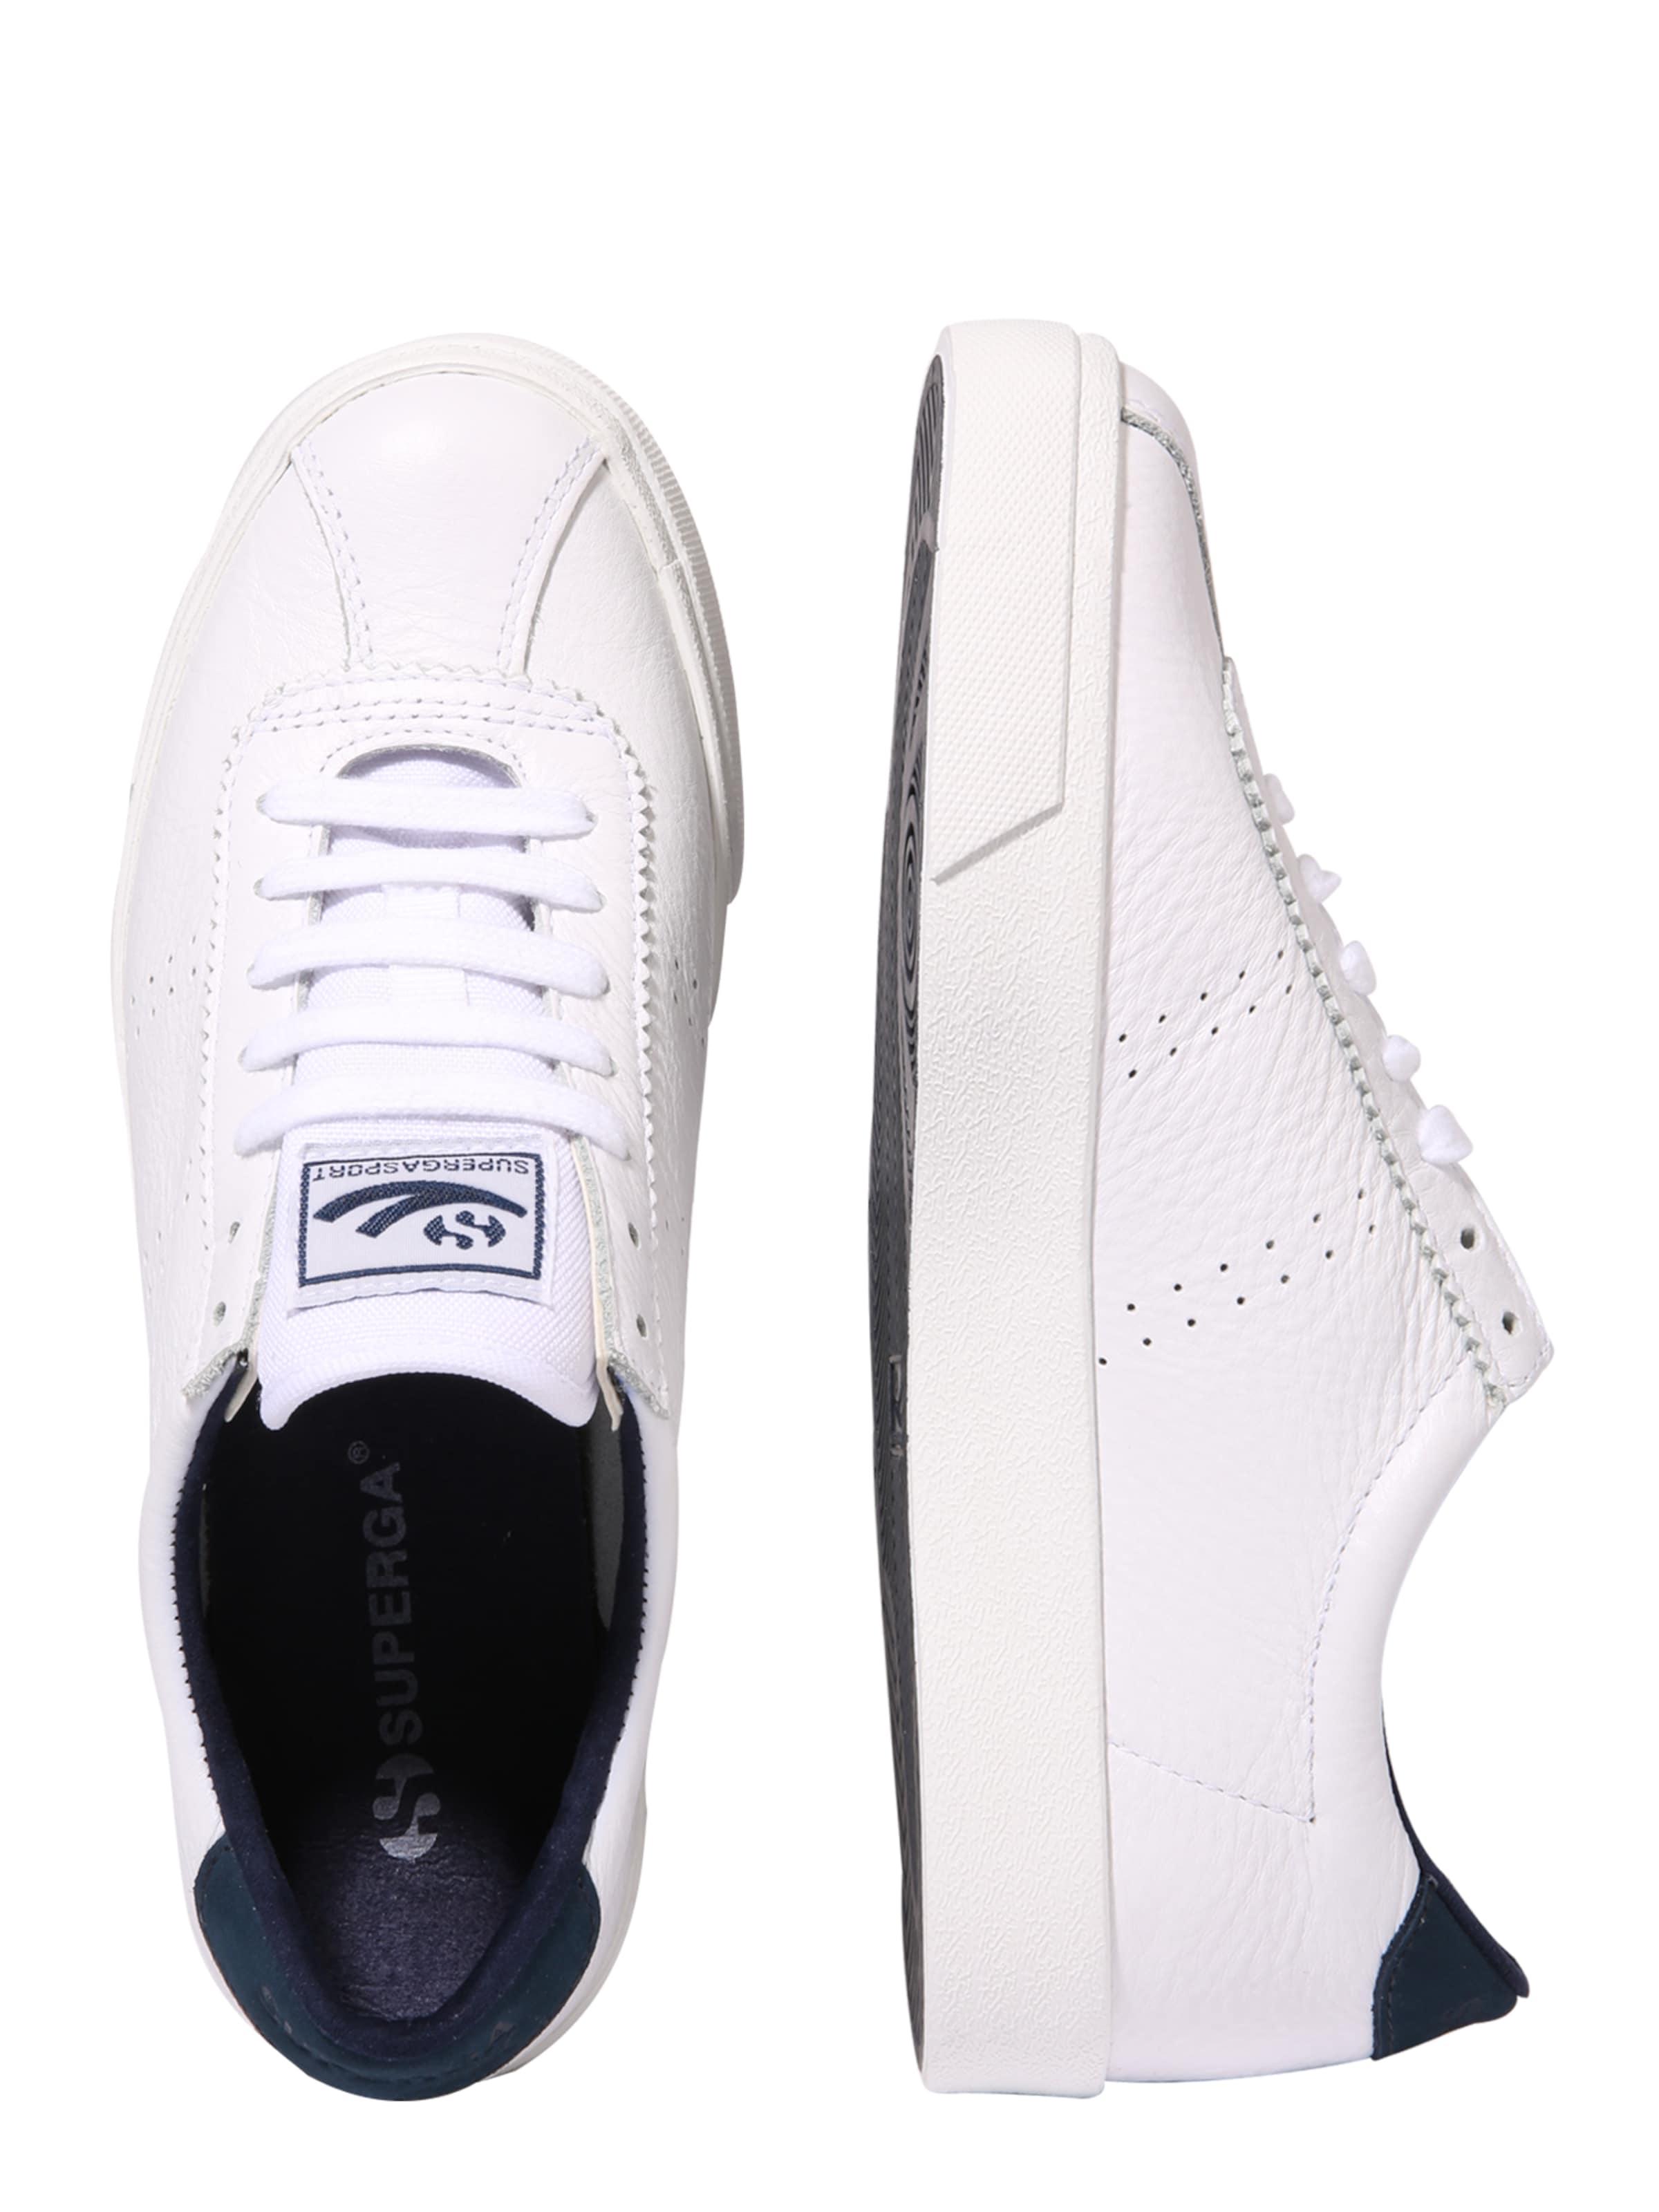 d5755d3bf658 I Superga Superga Sneaker MarinHvid Sneaker MarinHvid Sneaker I   2843Comfleau   2843Comfleau  Superga FlJT1Kc